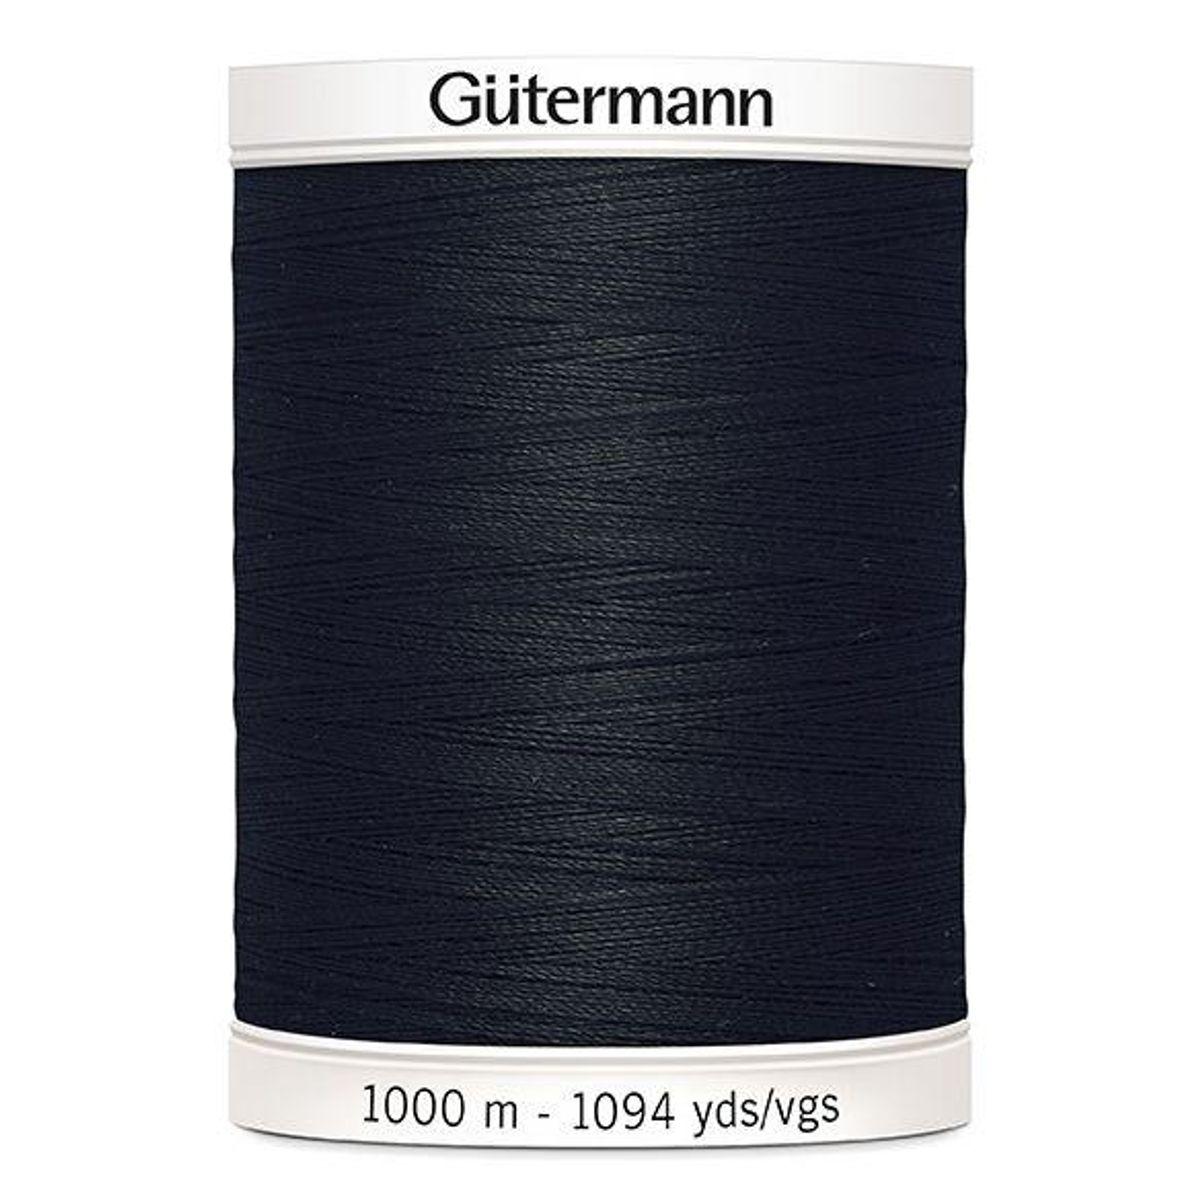 Gutermann 1000 m svart